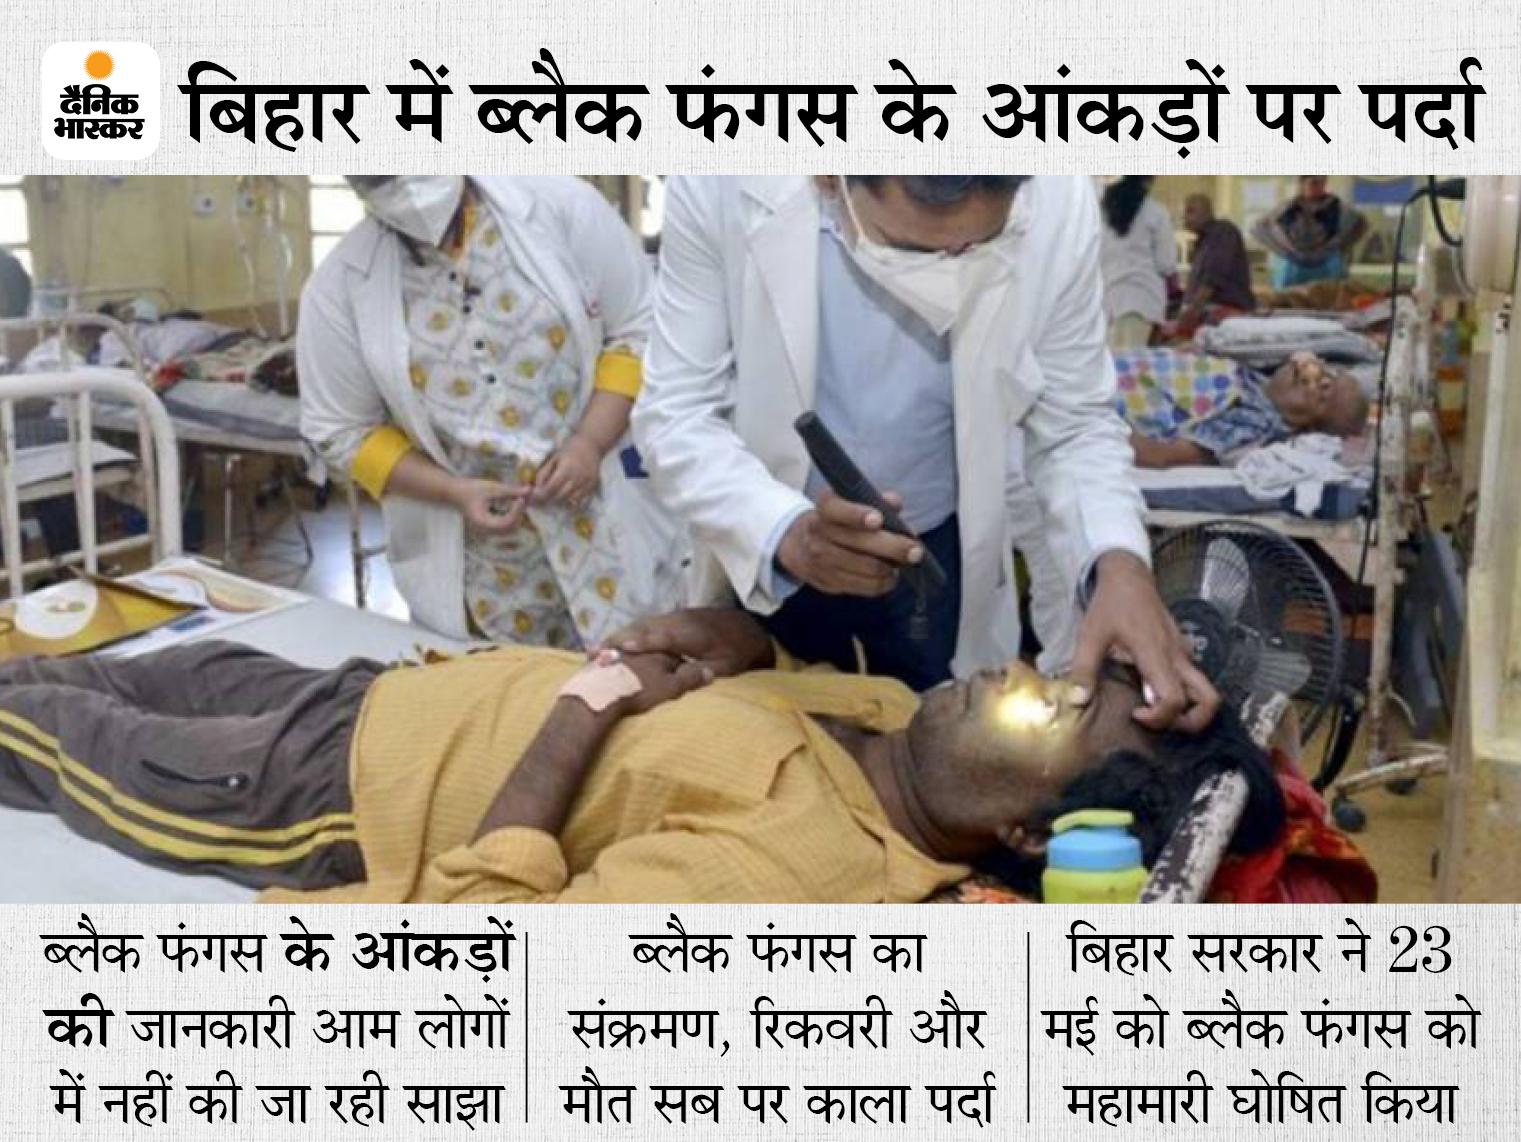 23 मई को बिहार में महामारी घोषित, 6 जून तक नहीं उठा आंकड़ों से पर्दा, ED से पूछने पर भी नहीं दी जानकारी|बिहार,Bihar - Dainik Bhaskar